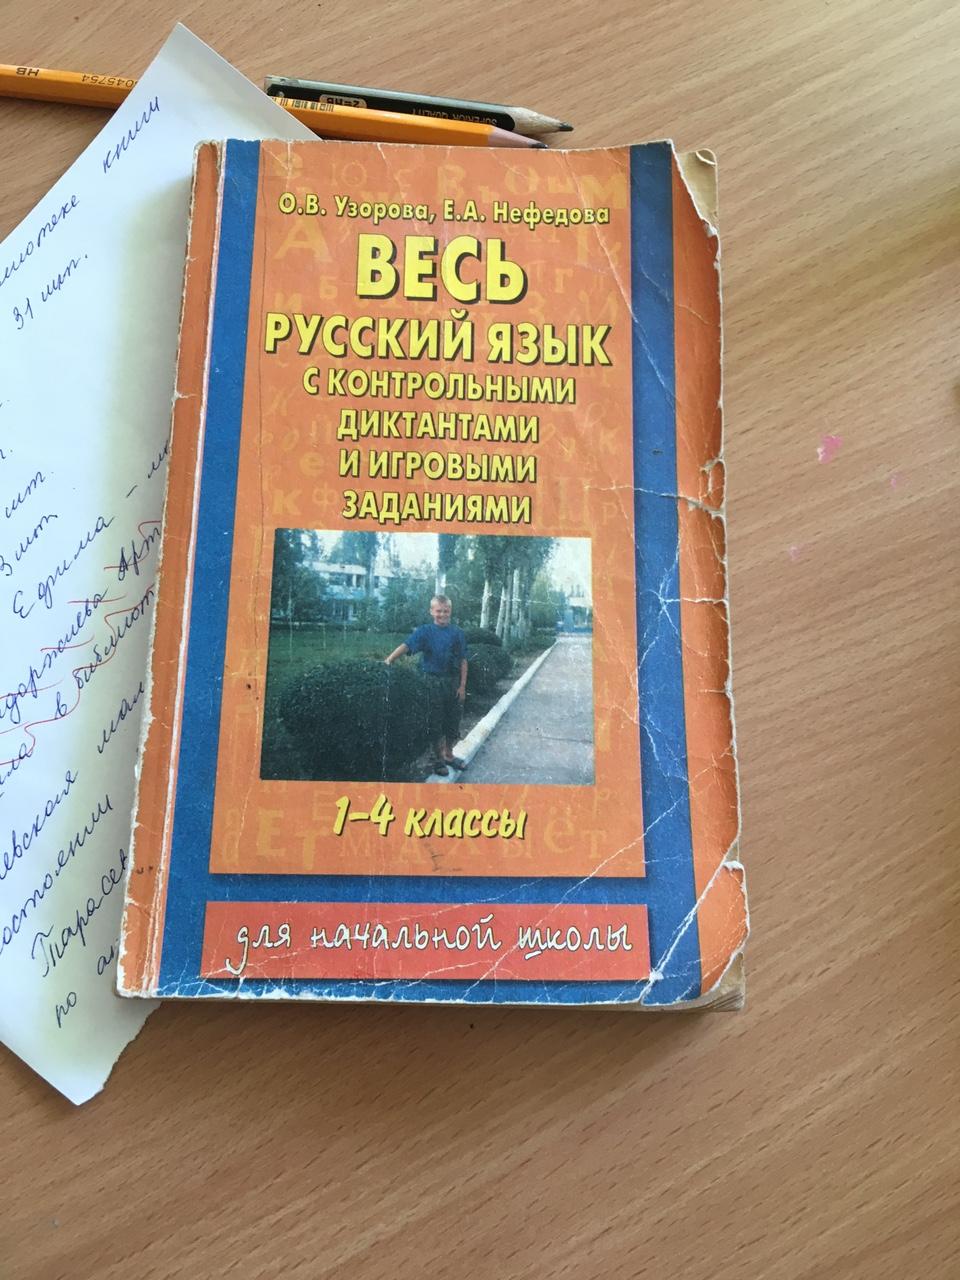 788ea4c4fd8ecca4fd868c154d19b0c2.jpg